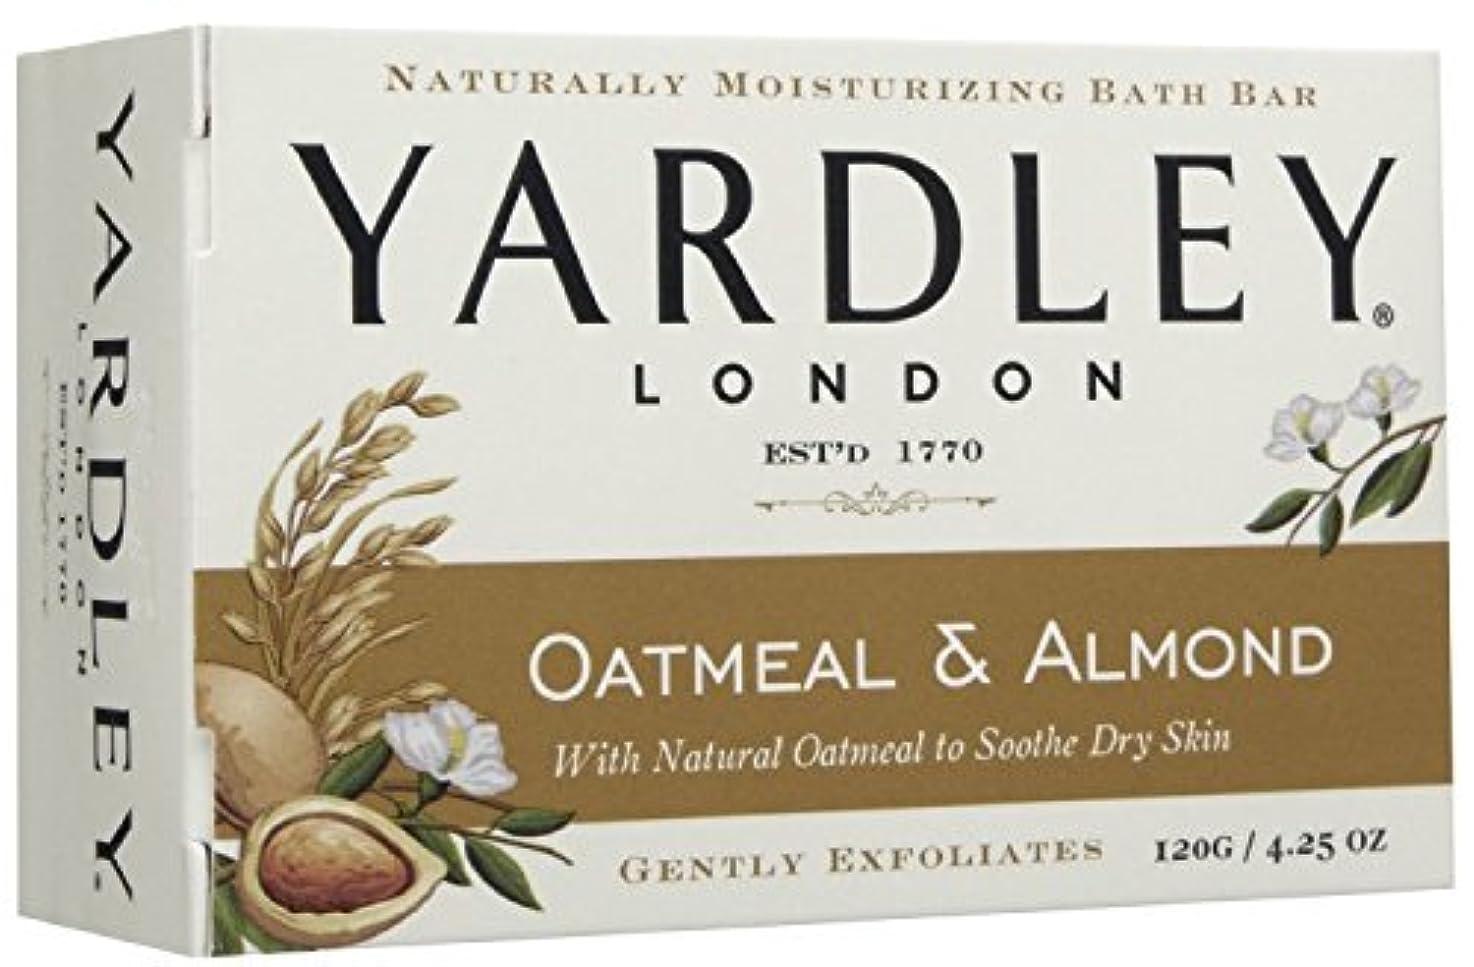 食物忘れられない割るYardley London (ヤードリー ロンドン) オートミール&アーモンド モイスチャライズ バス ソープ 120g [並行輸入品]